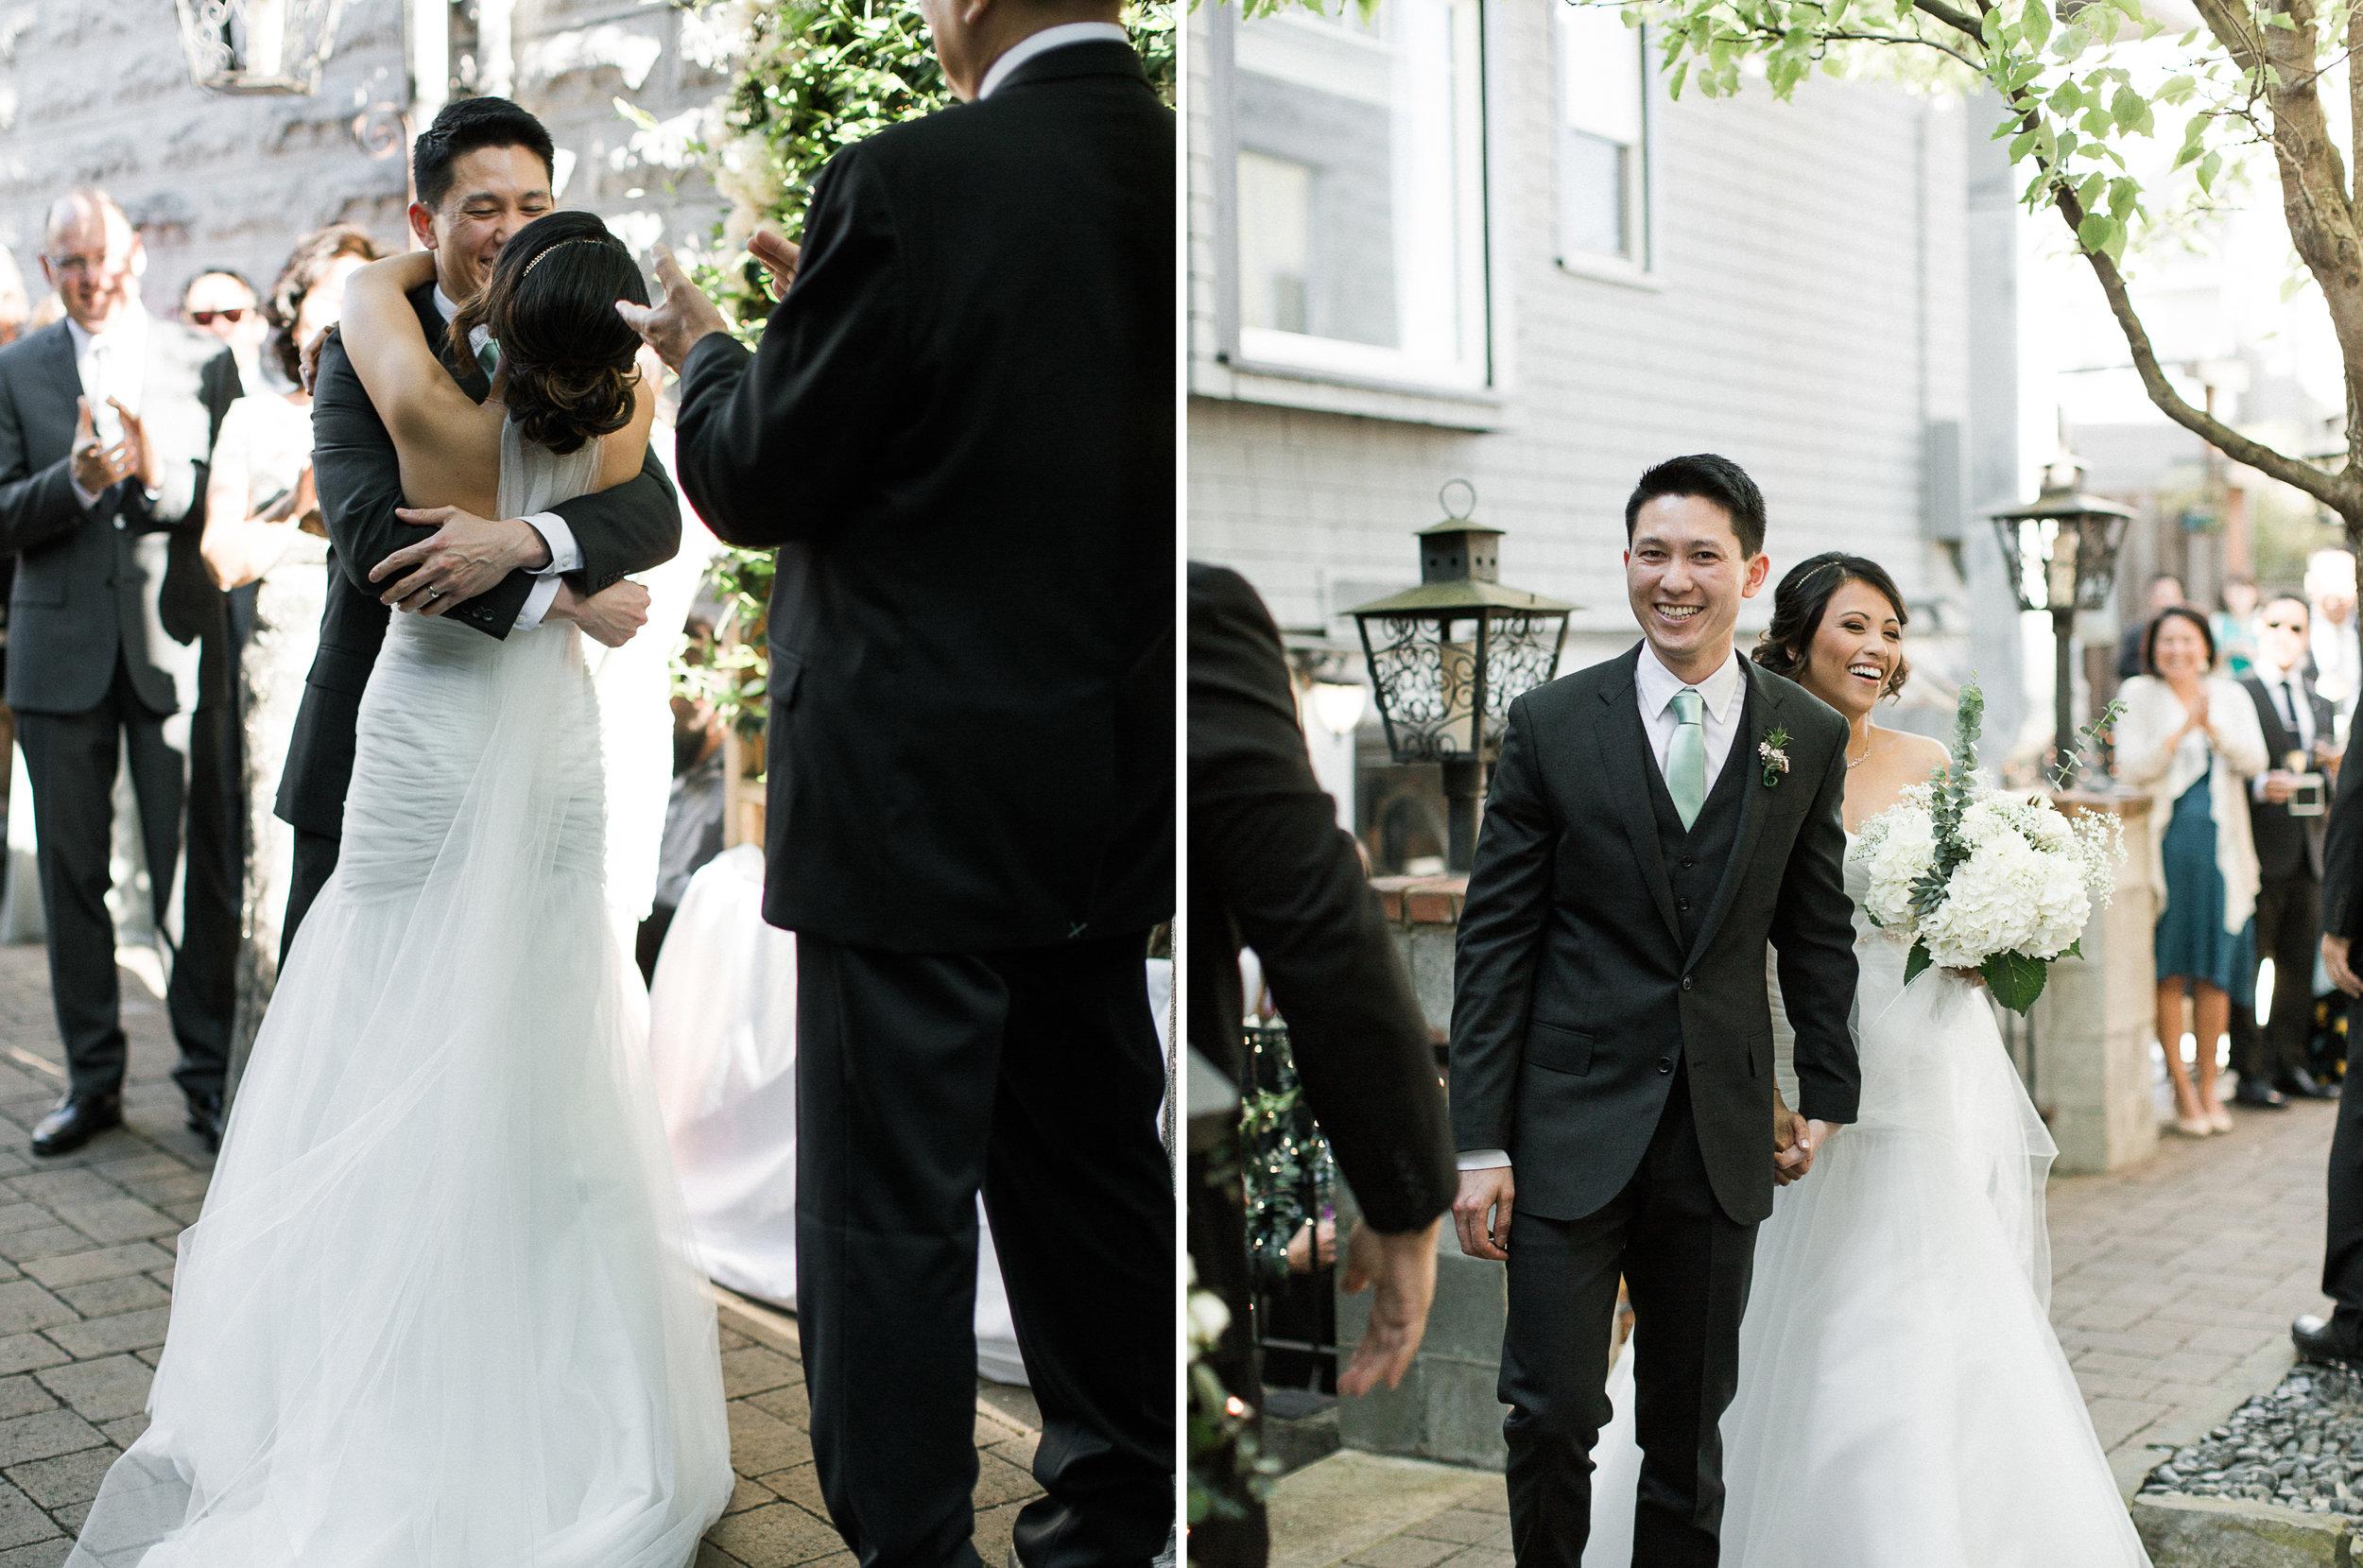 opal-28-urban-portland-greenery-wedding-19.jpg